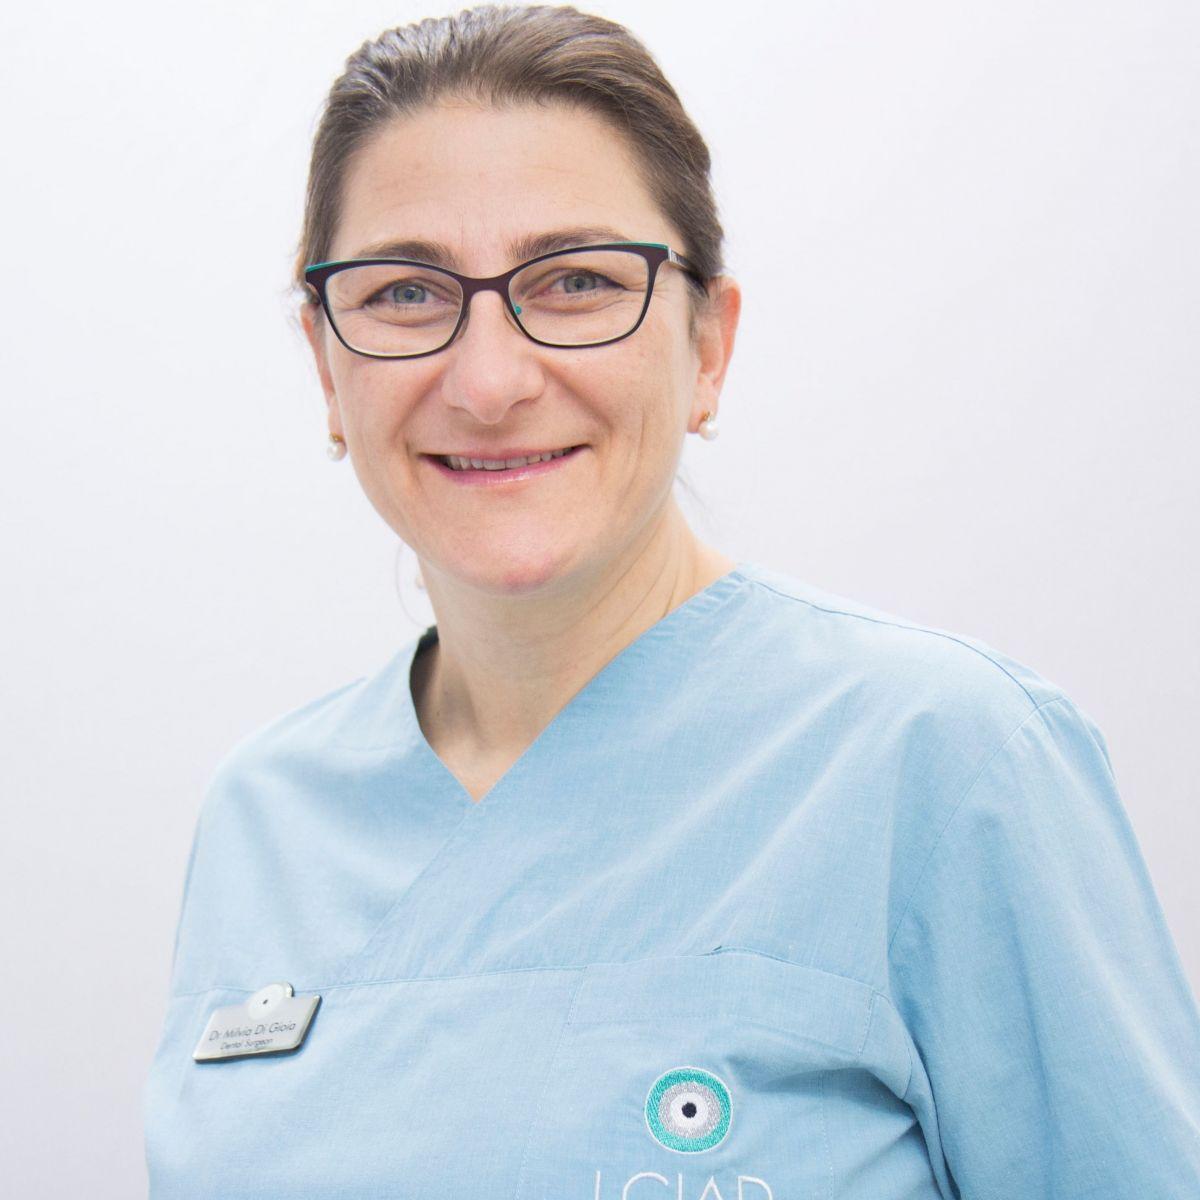 Professor Milvia Di Gioia